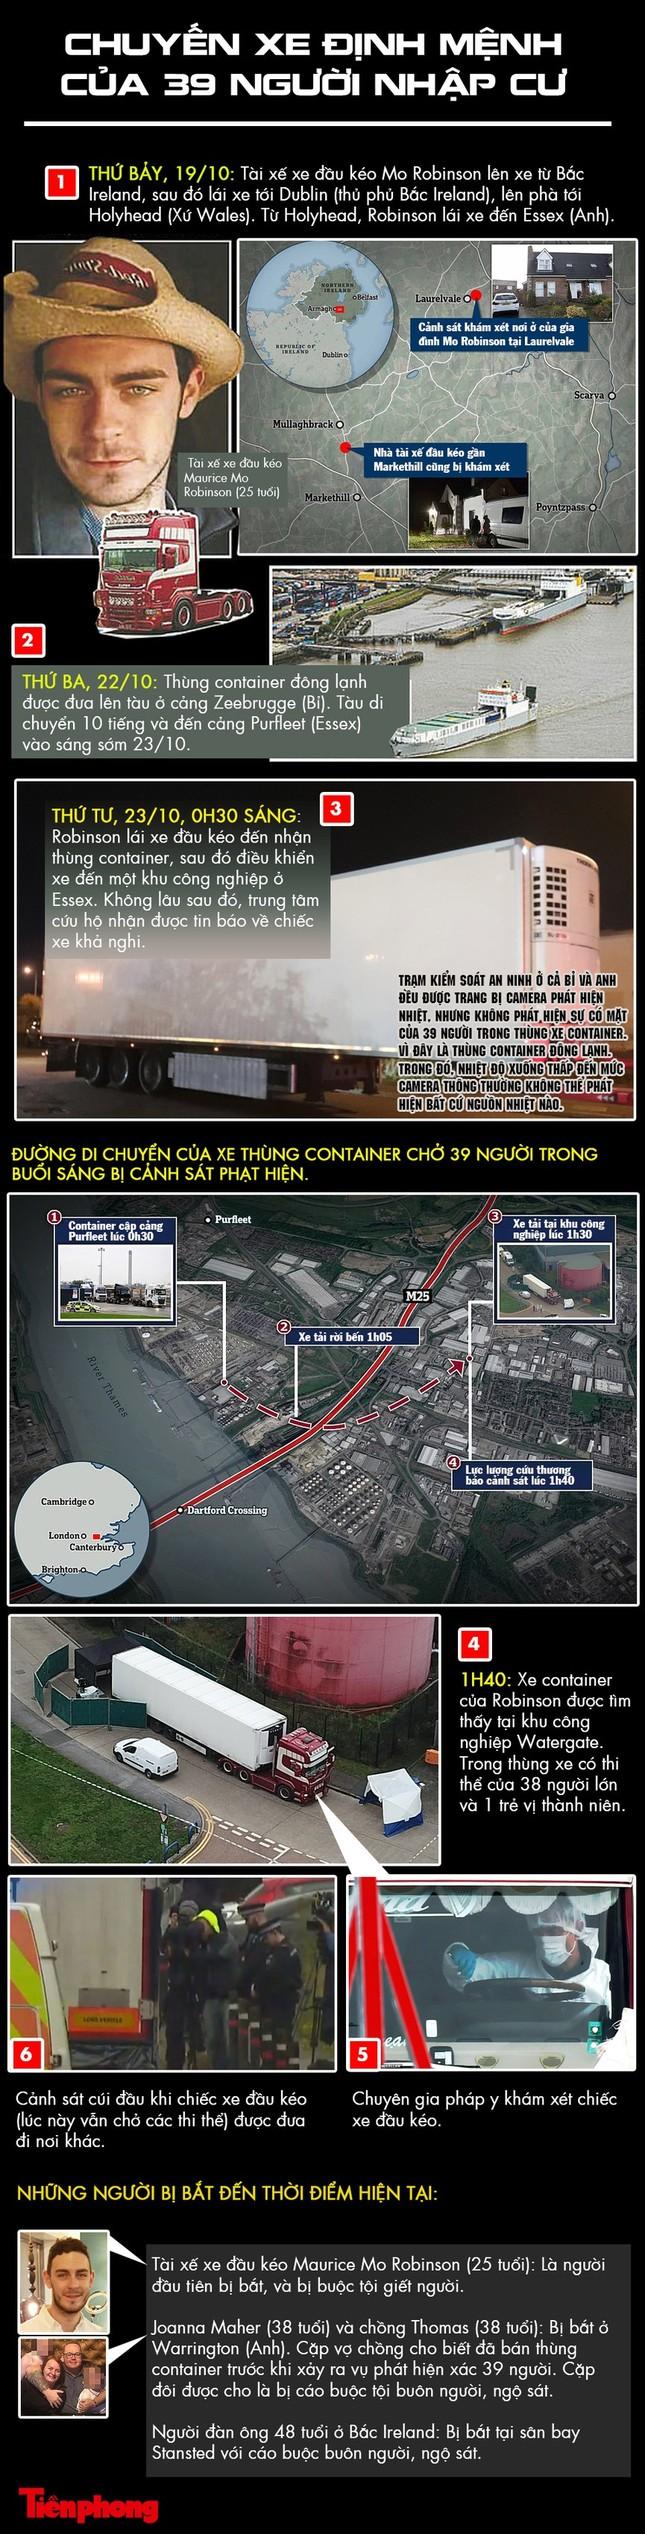 Vụ 39 người chết trên xe tải ở Anh: Thùng container không được làm lạnh? ảnh 4